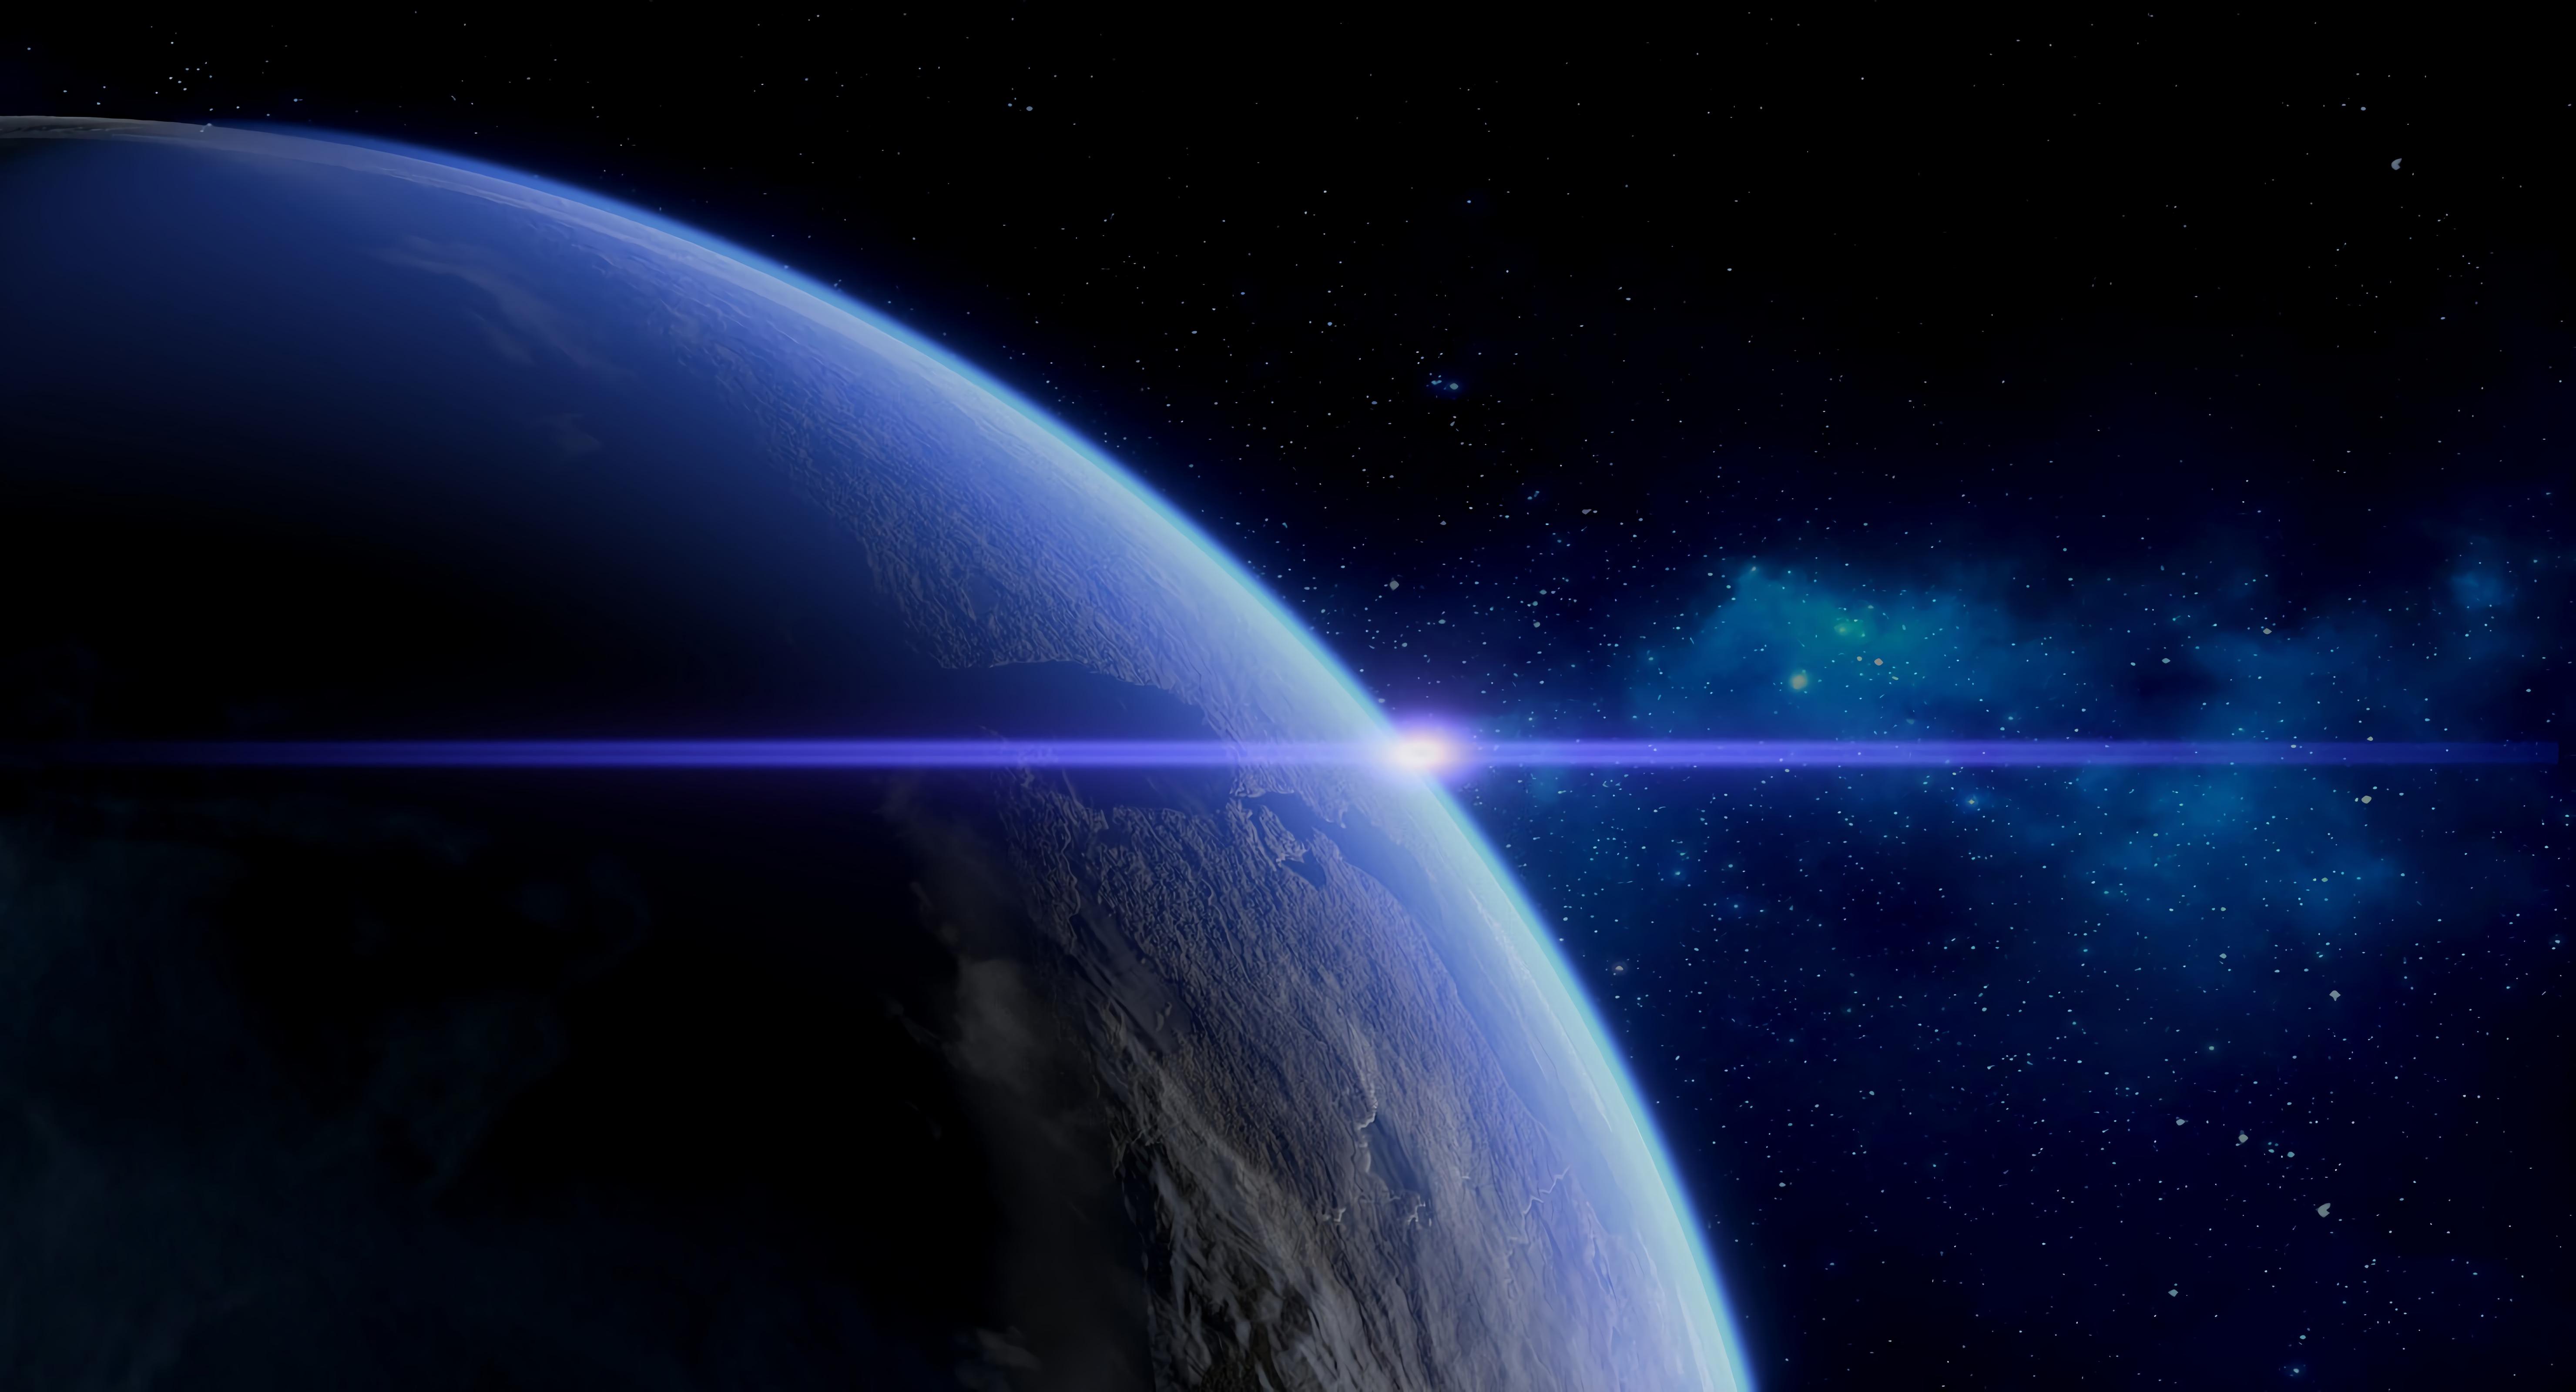 52486 скачать обои Планета, Вспышка, Атмосфера, Космос, Вселенная - заставки и картинки бесплатно